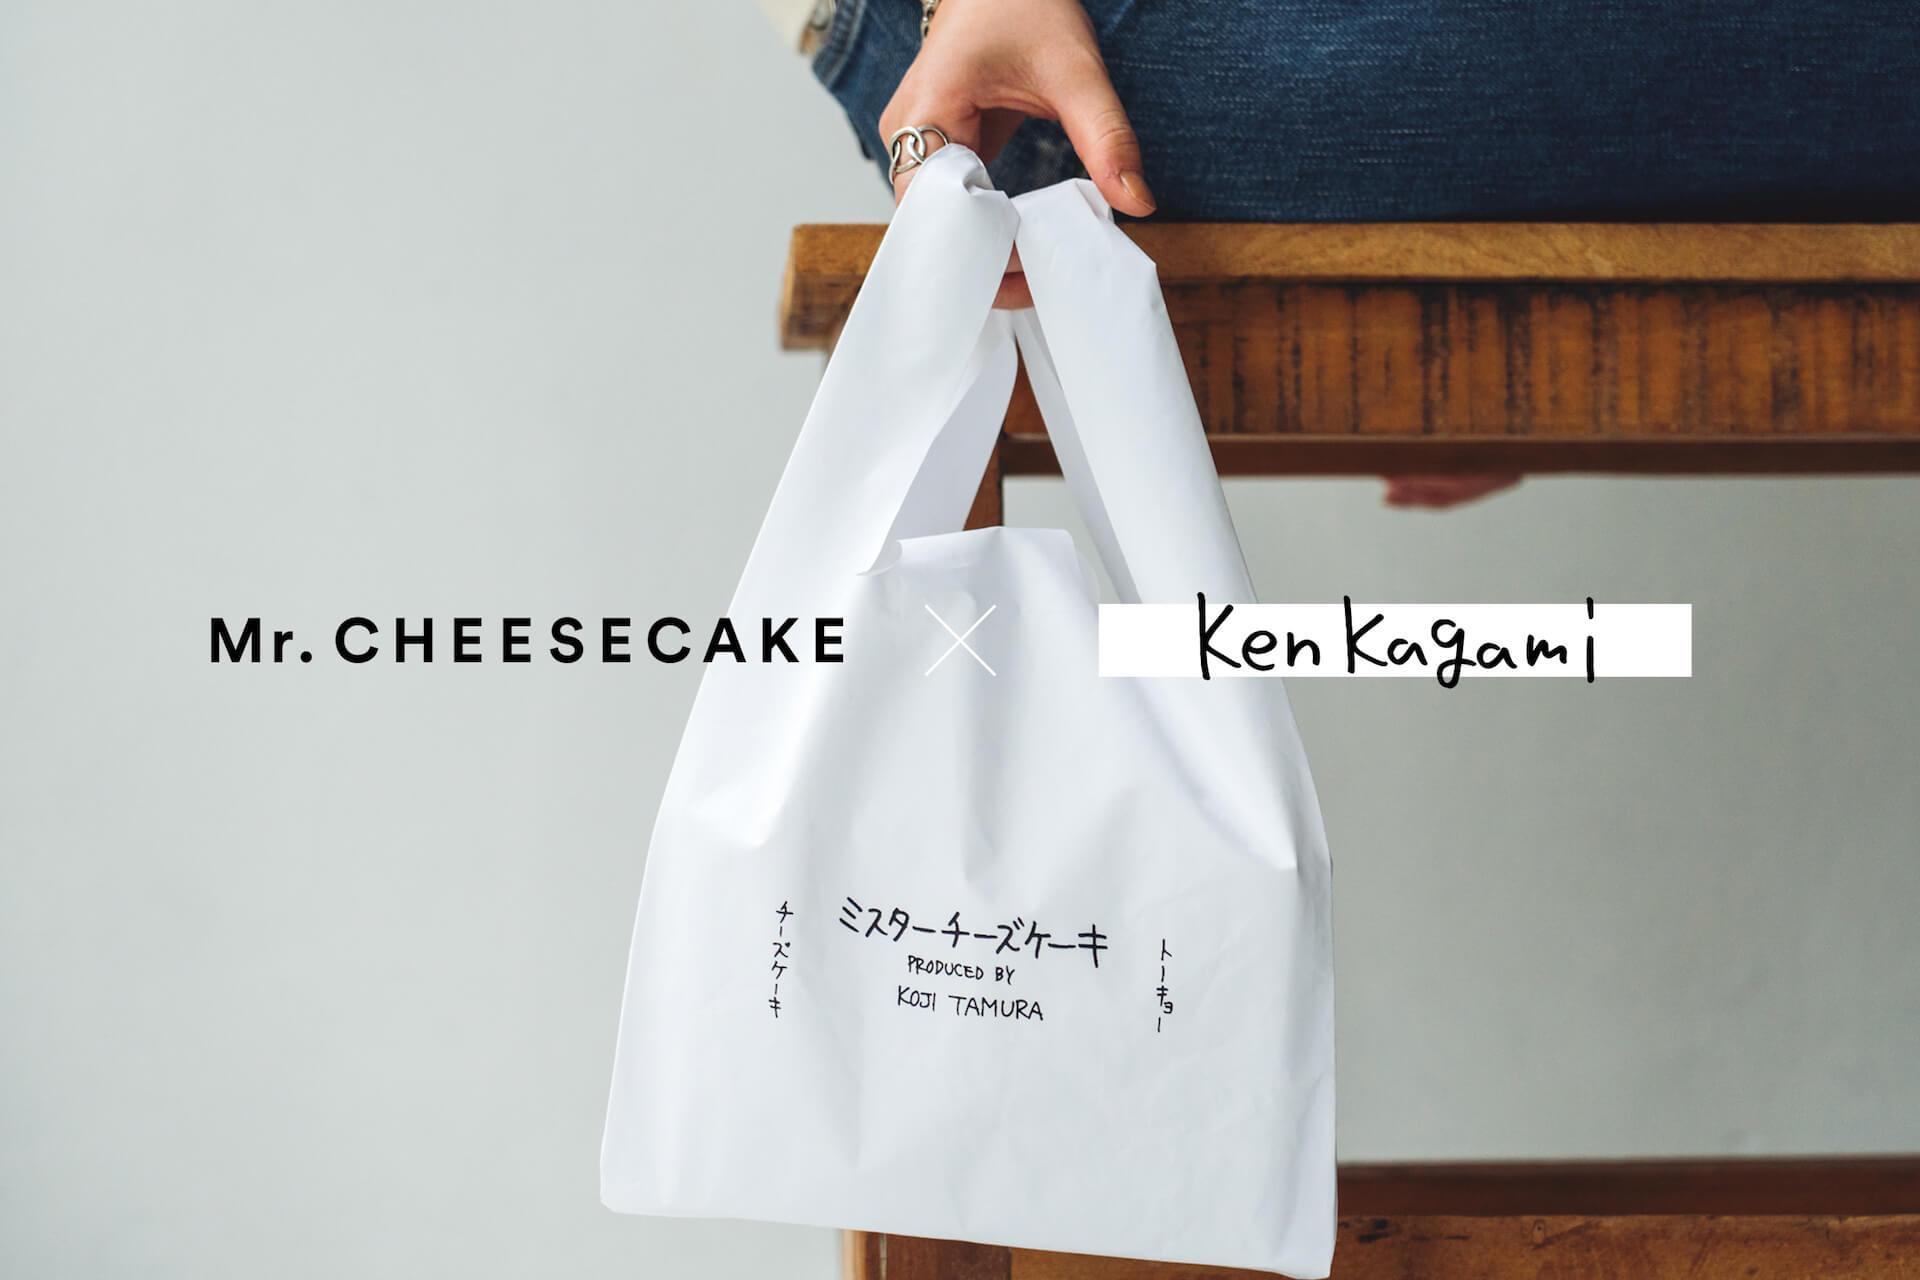 絶品チーズケーキで人気のMr. CHEESECAKEが加賀美健とのコラボショッパーを制作!チーズケーキとのセット商品が発売決定 gourmet201110_mrcheesecake_kagamiken_15